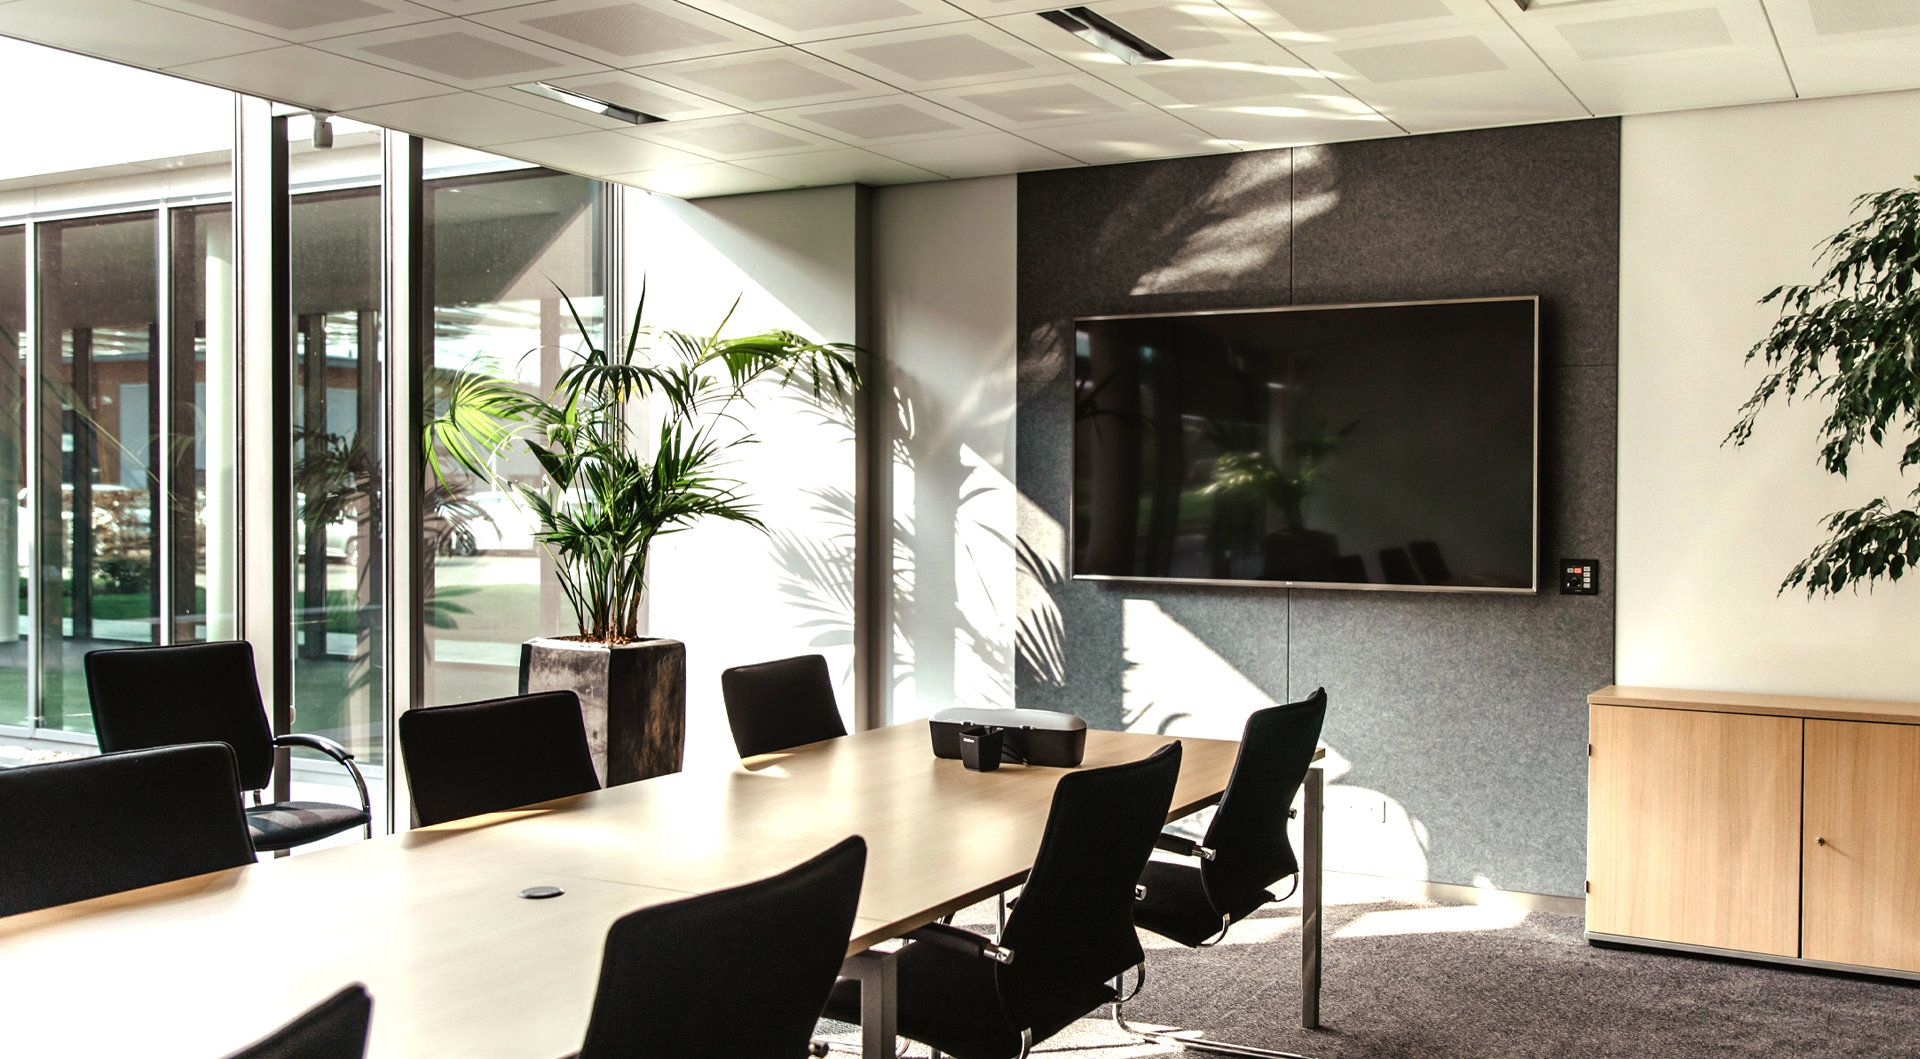 Logitech TAPMSTLARGE/2 video conferencing systeem Group video conferencing system - Case studie de vries